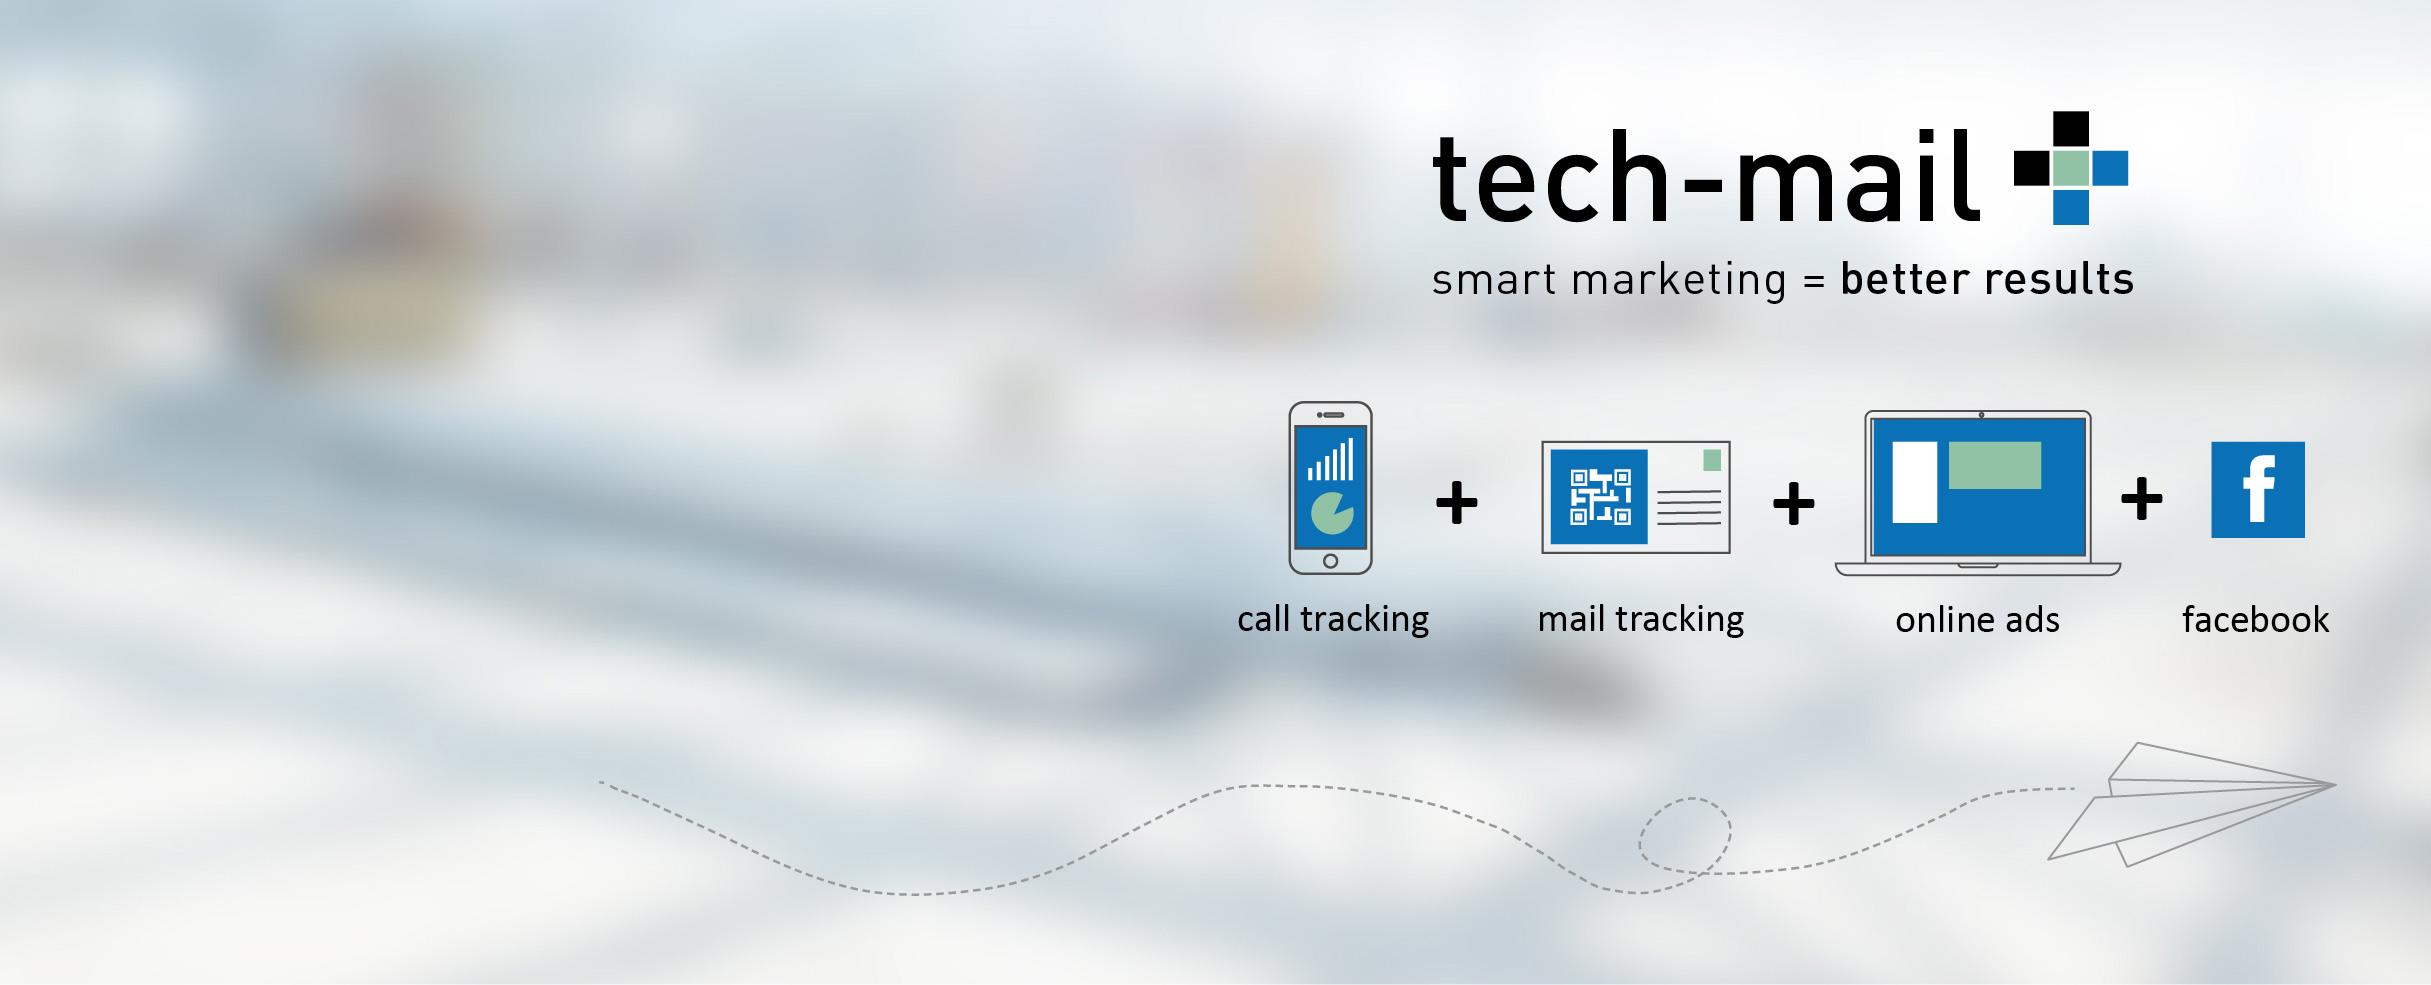 tech-mail +